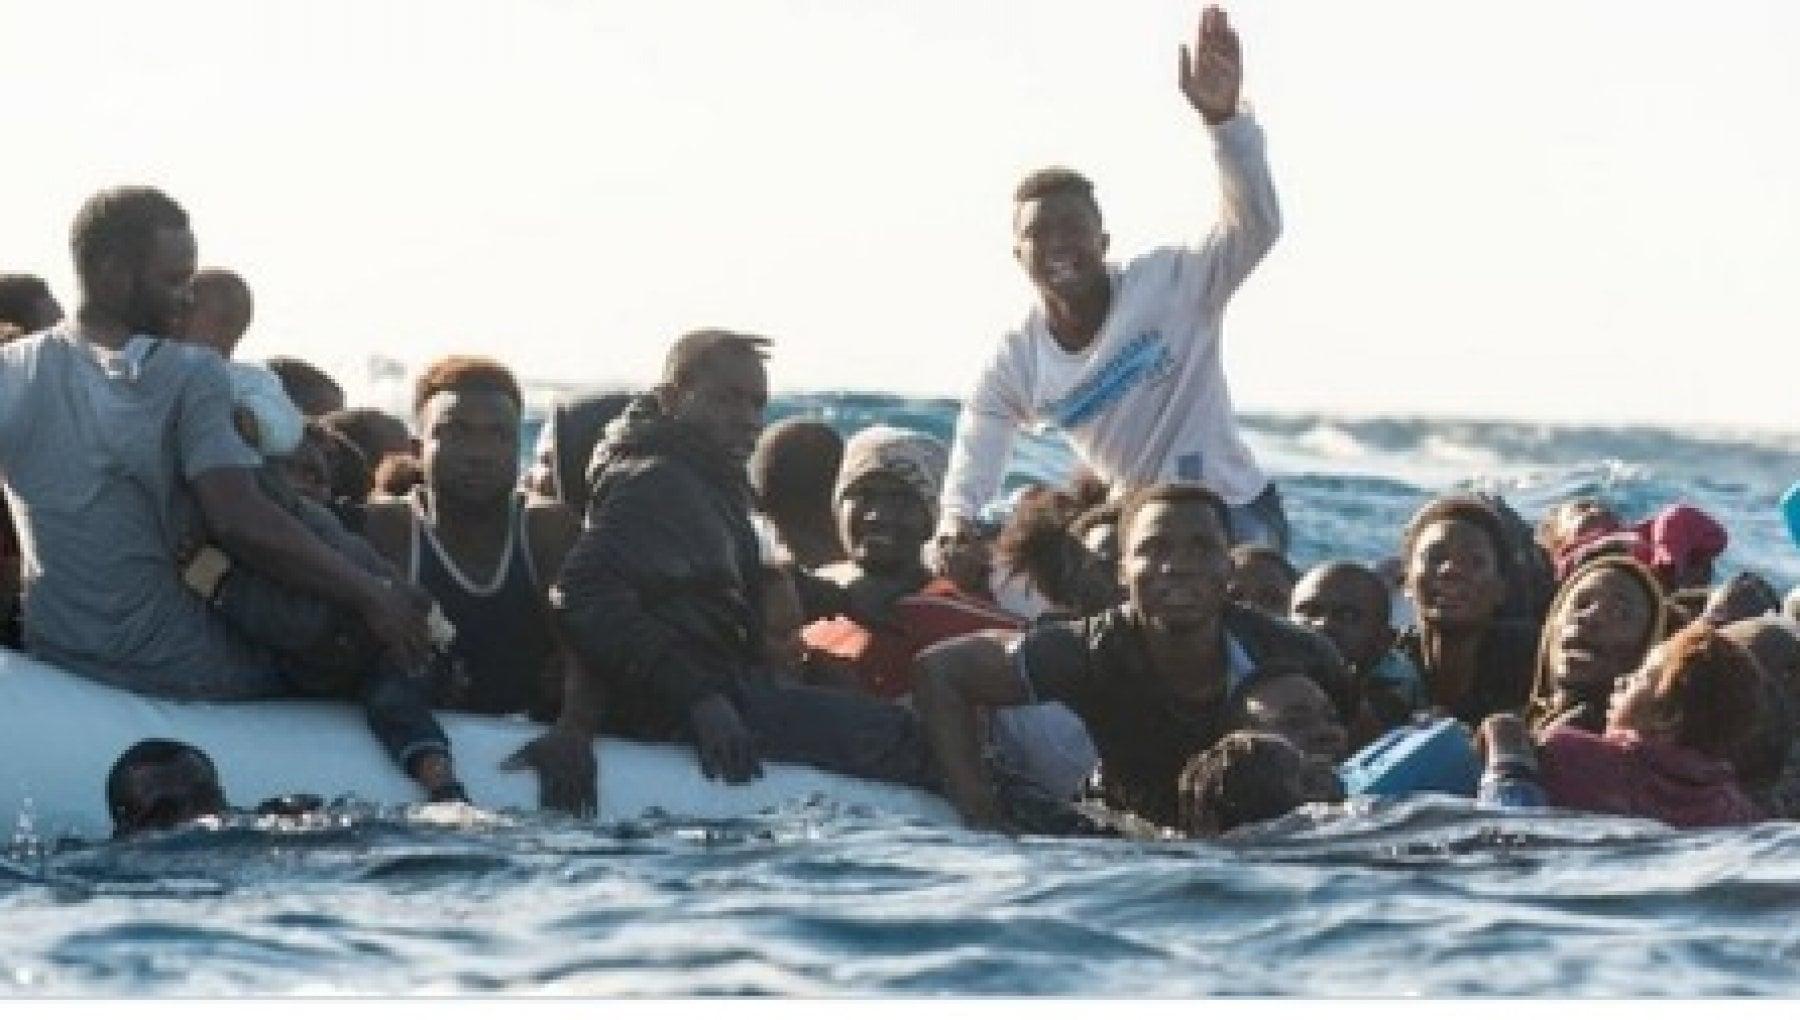 020107031 58aa4a21 f401 461f b02b f658b9fc58df - Migranti, naufragio al largo della Tunisia: 17 morti